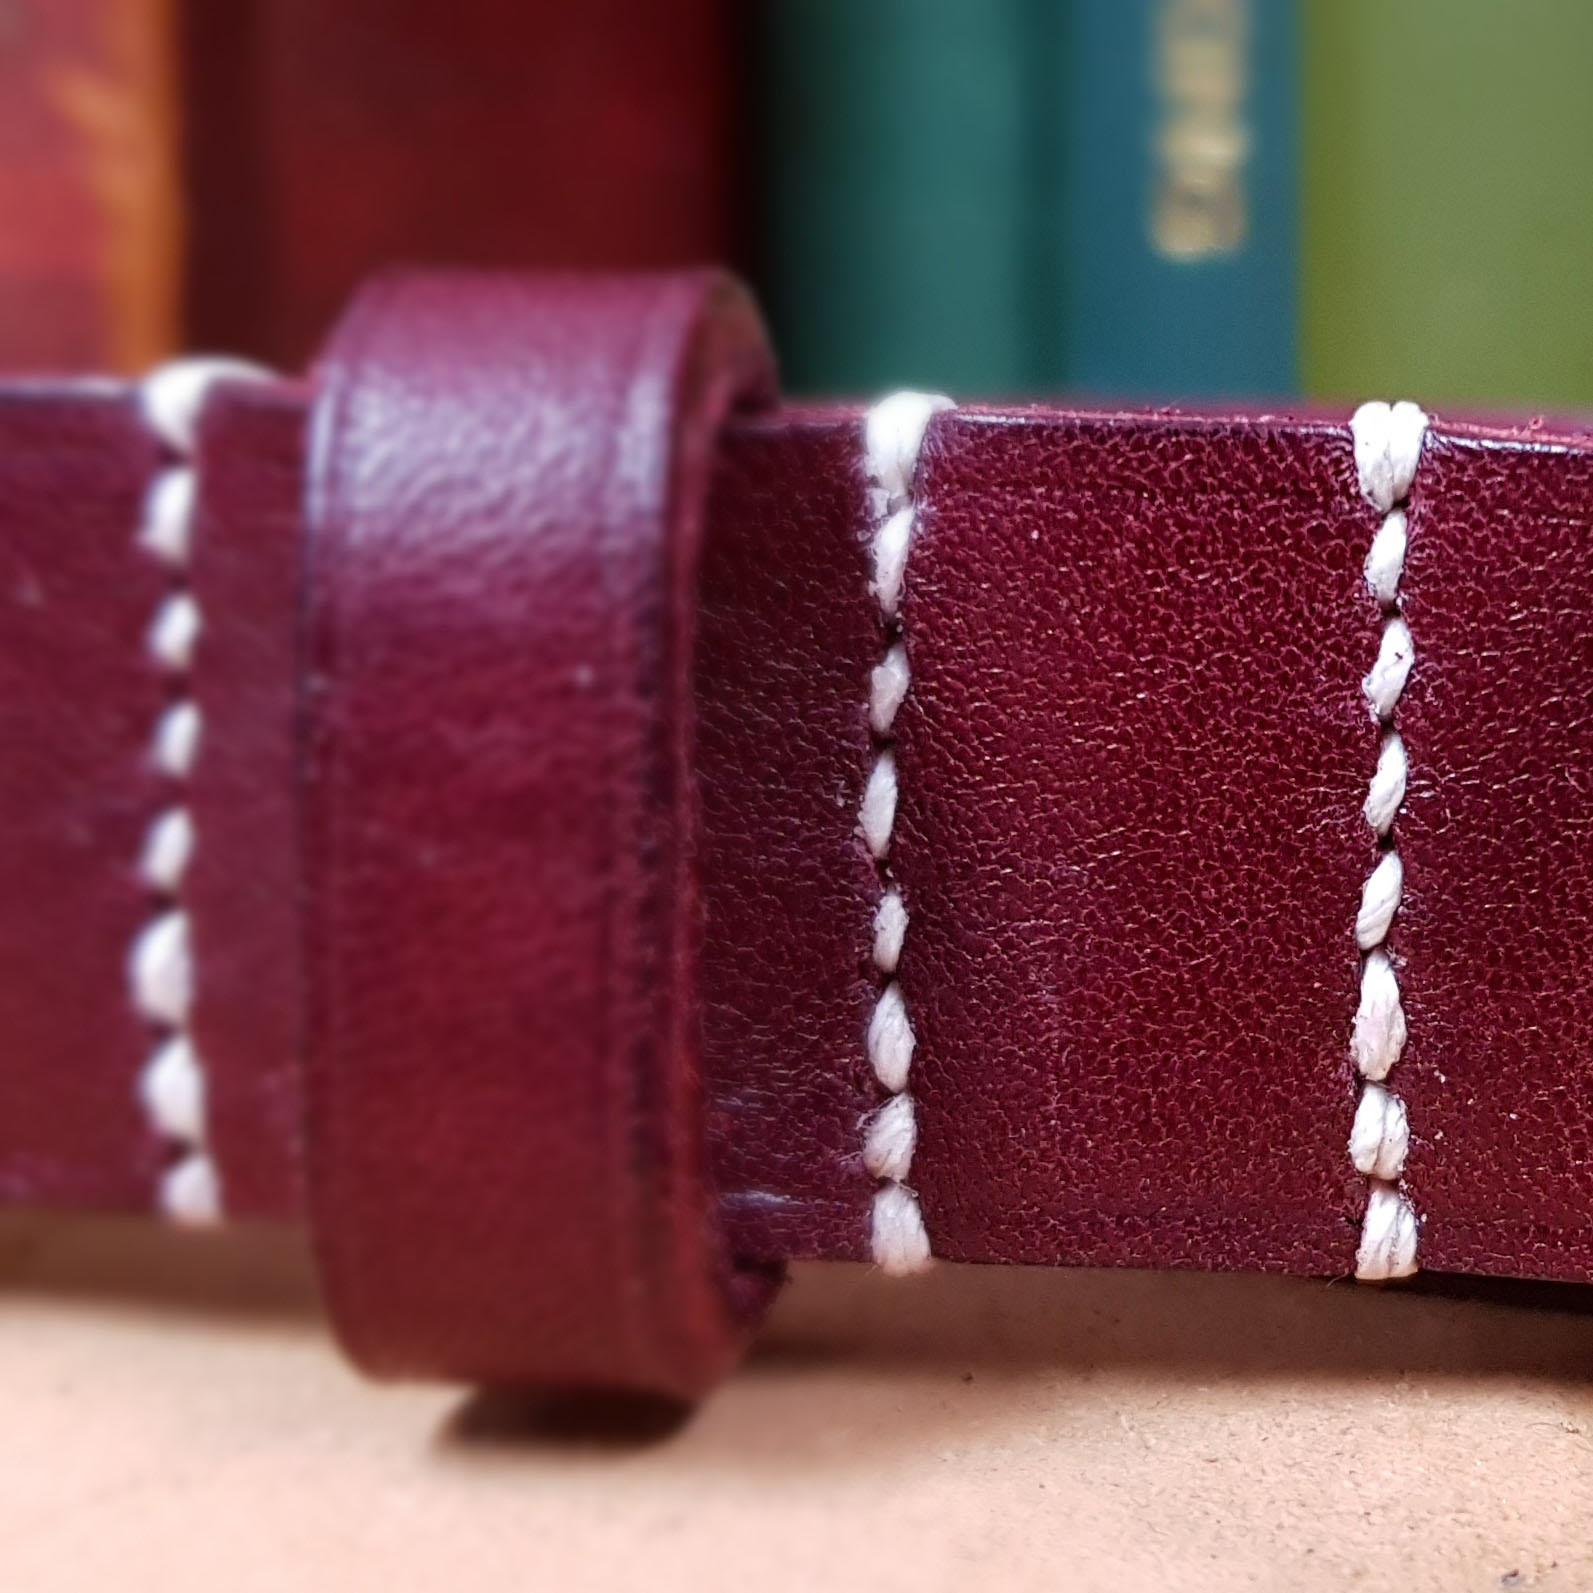 Carreducker bespoke dog collar